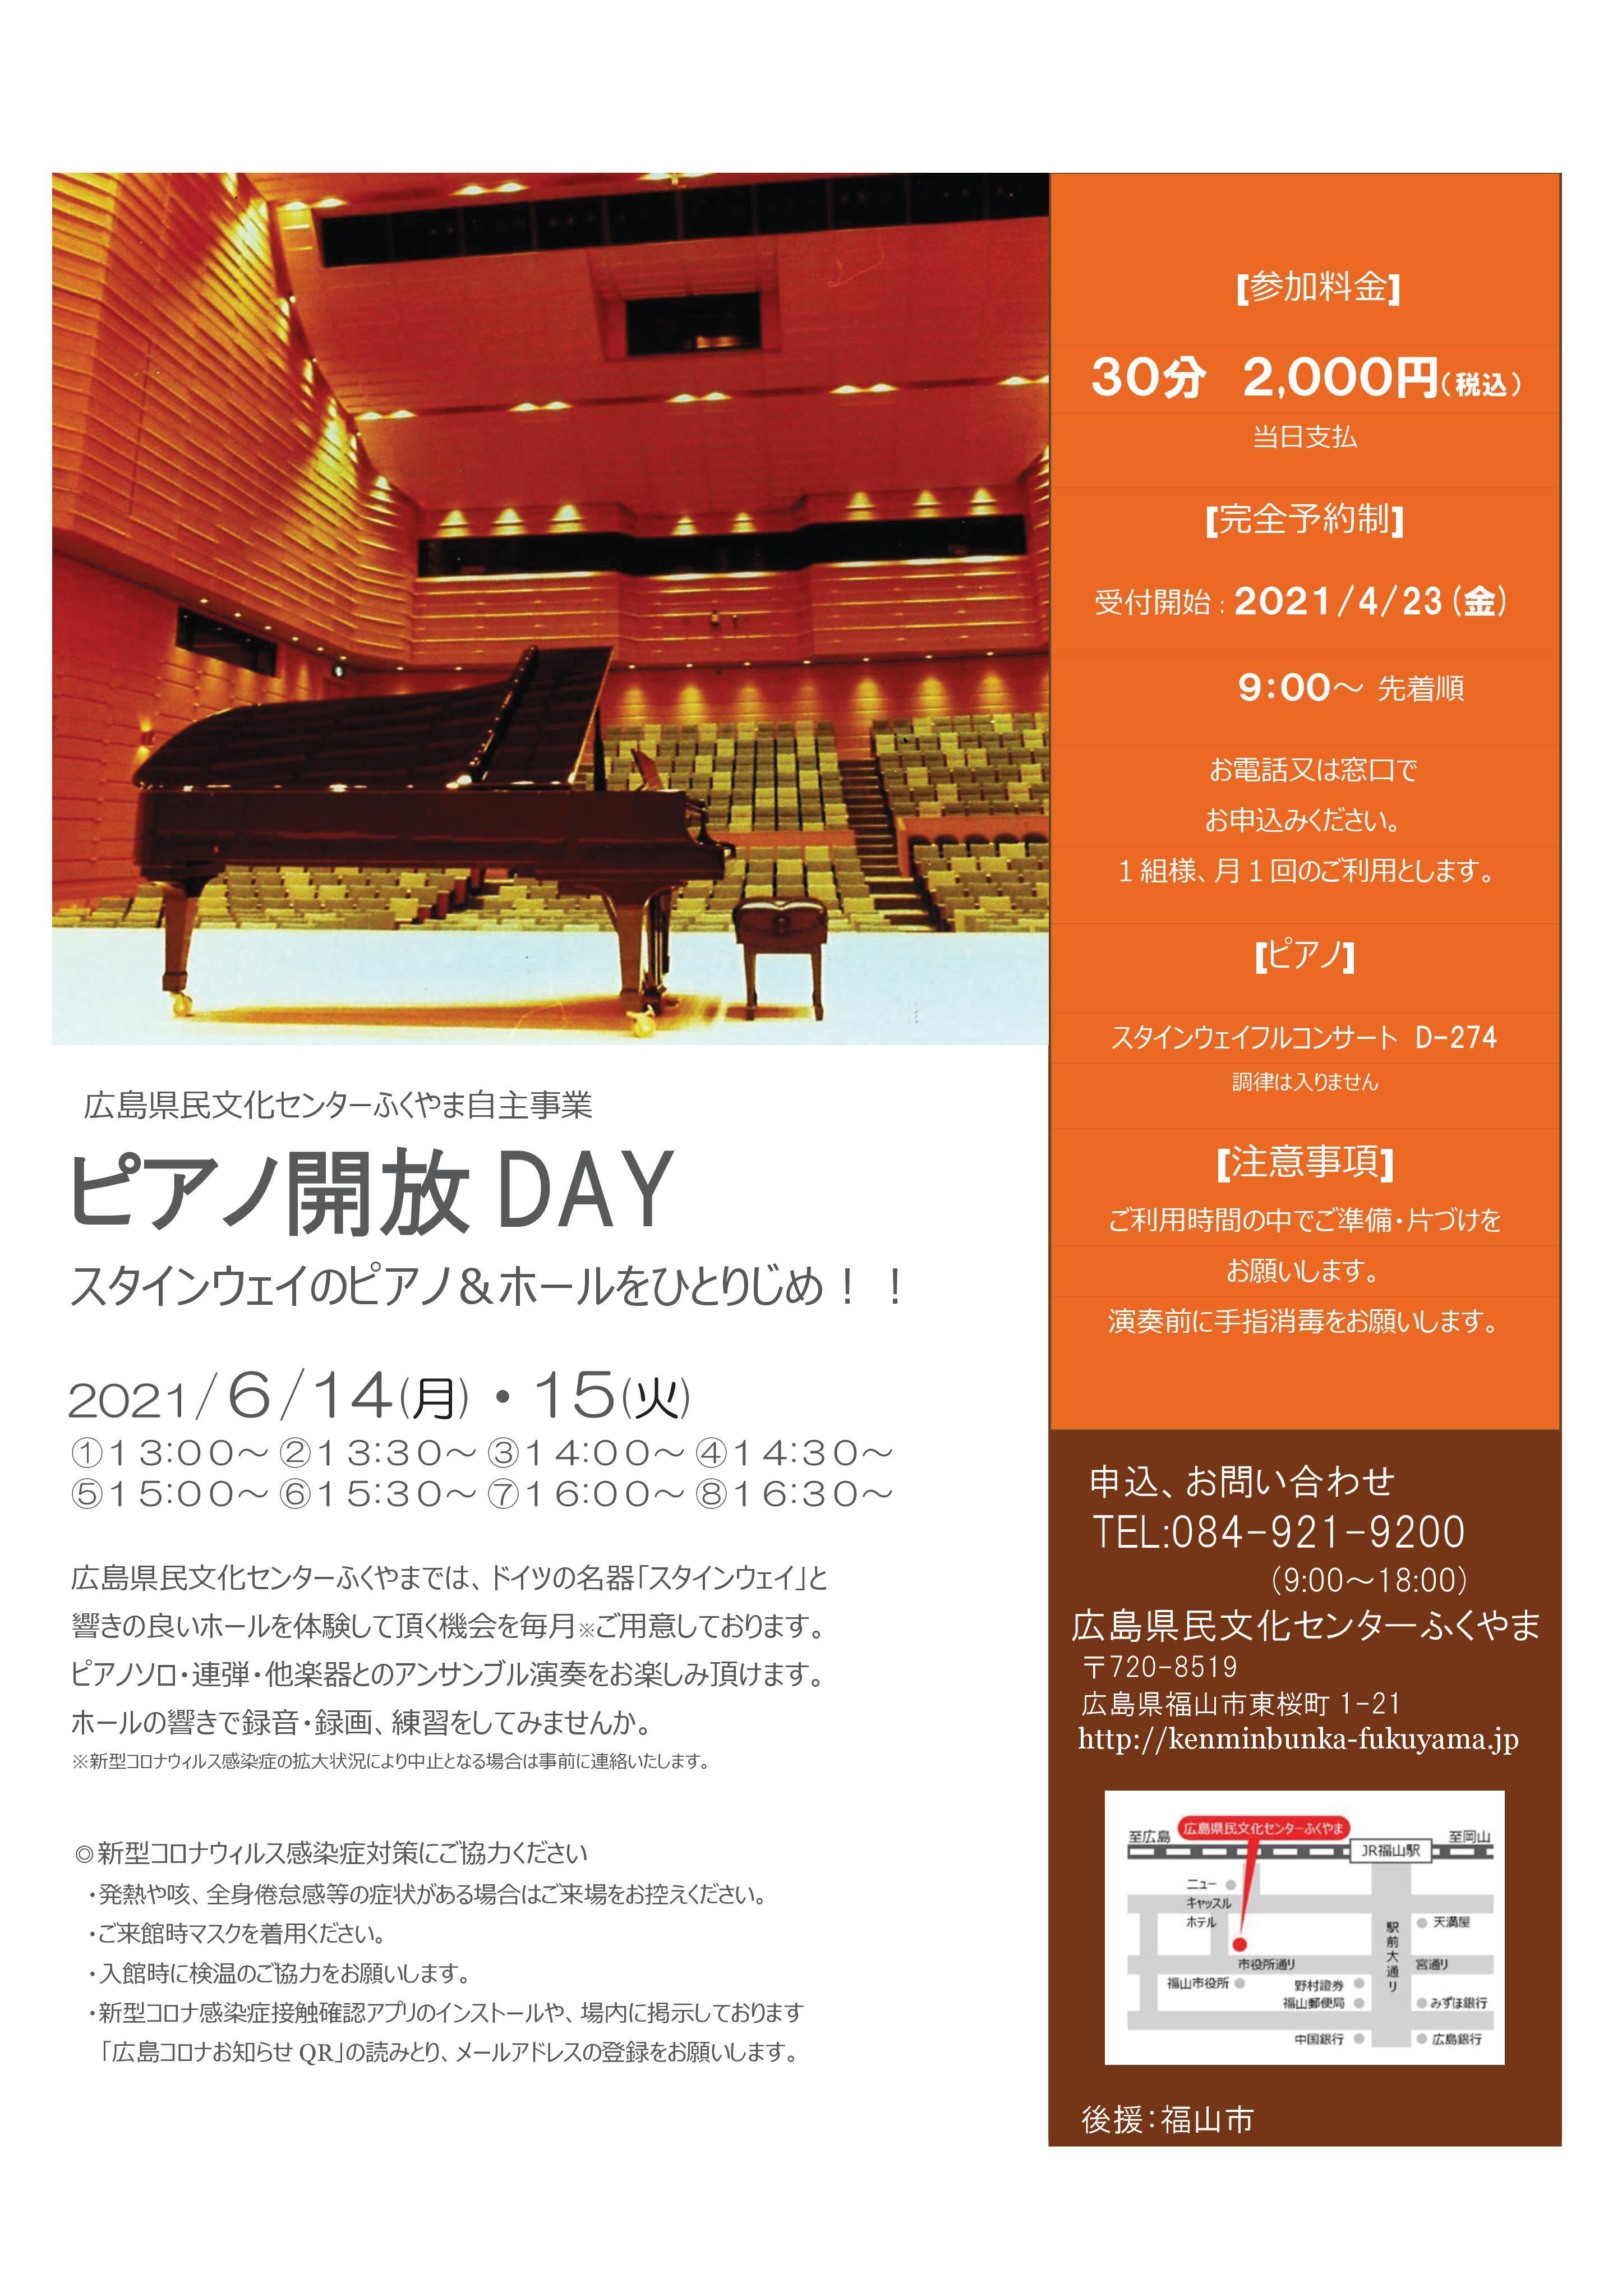 6.14-15ピアノ開放DAYチラシ(後援有)